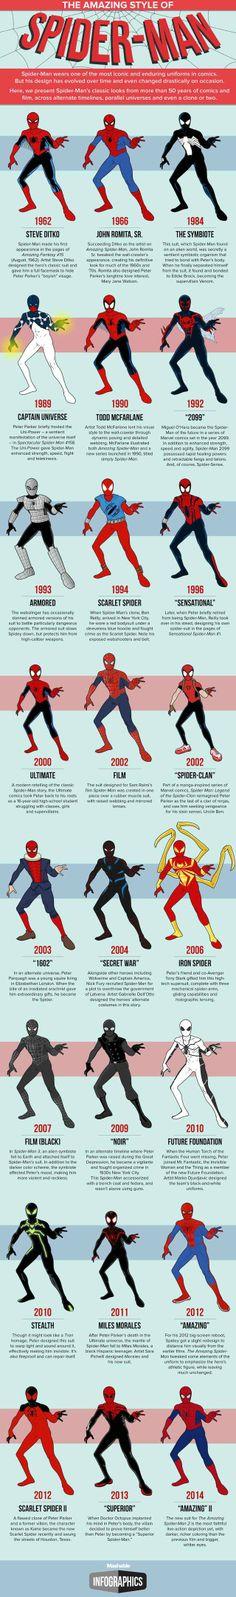 スパイダーマンのコスチューム・インフォグラフ